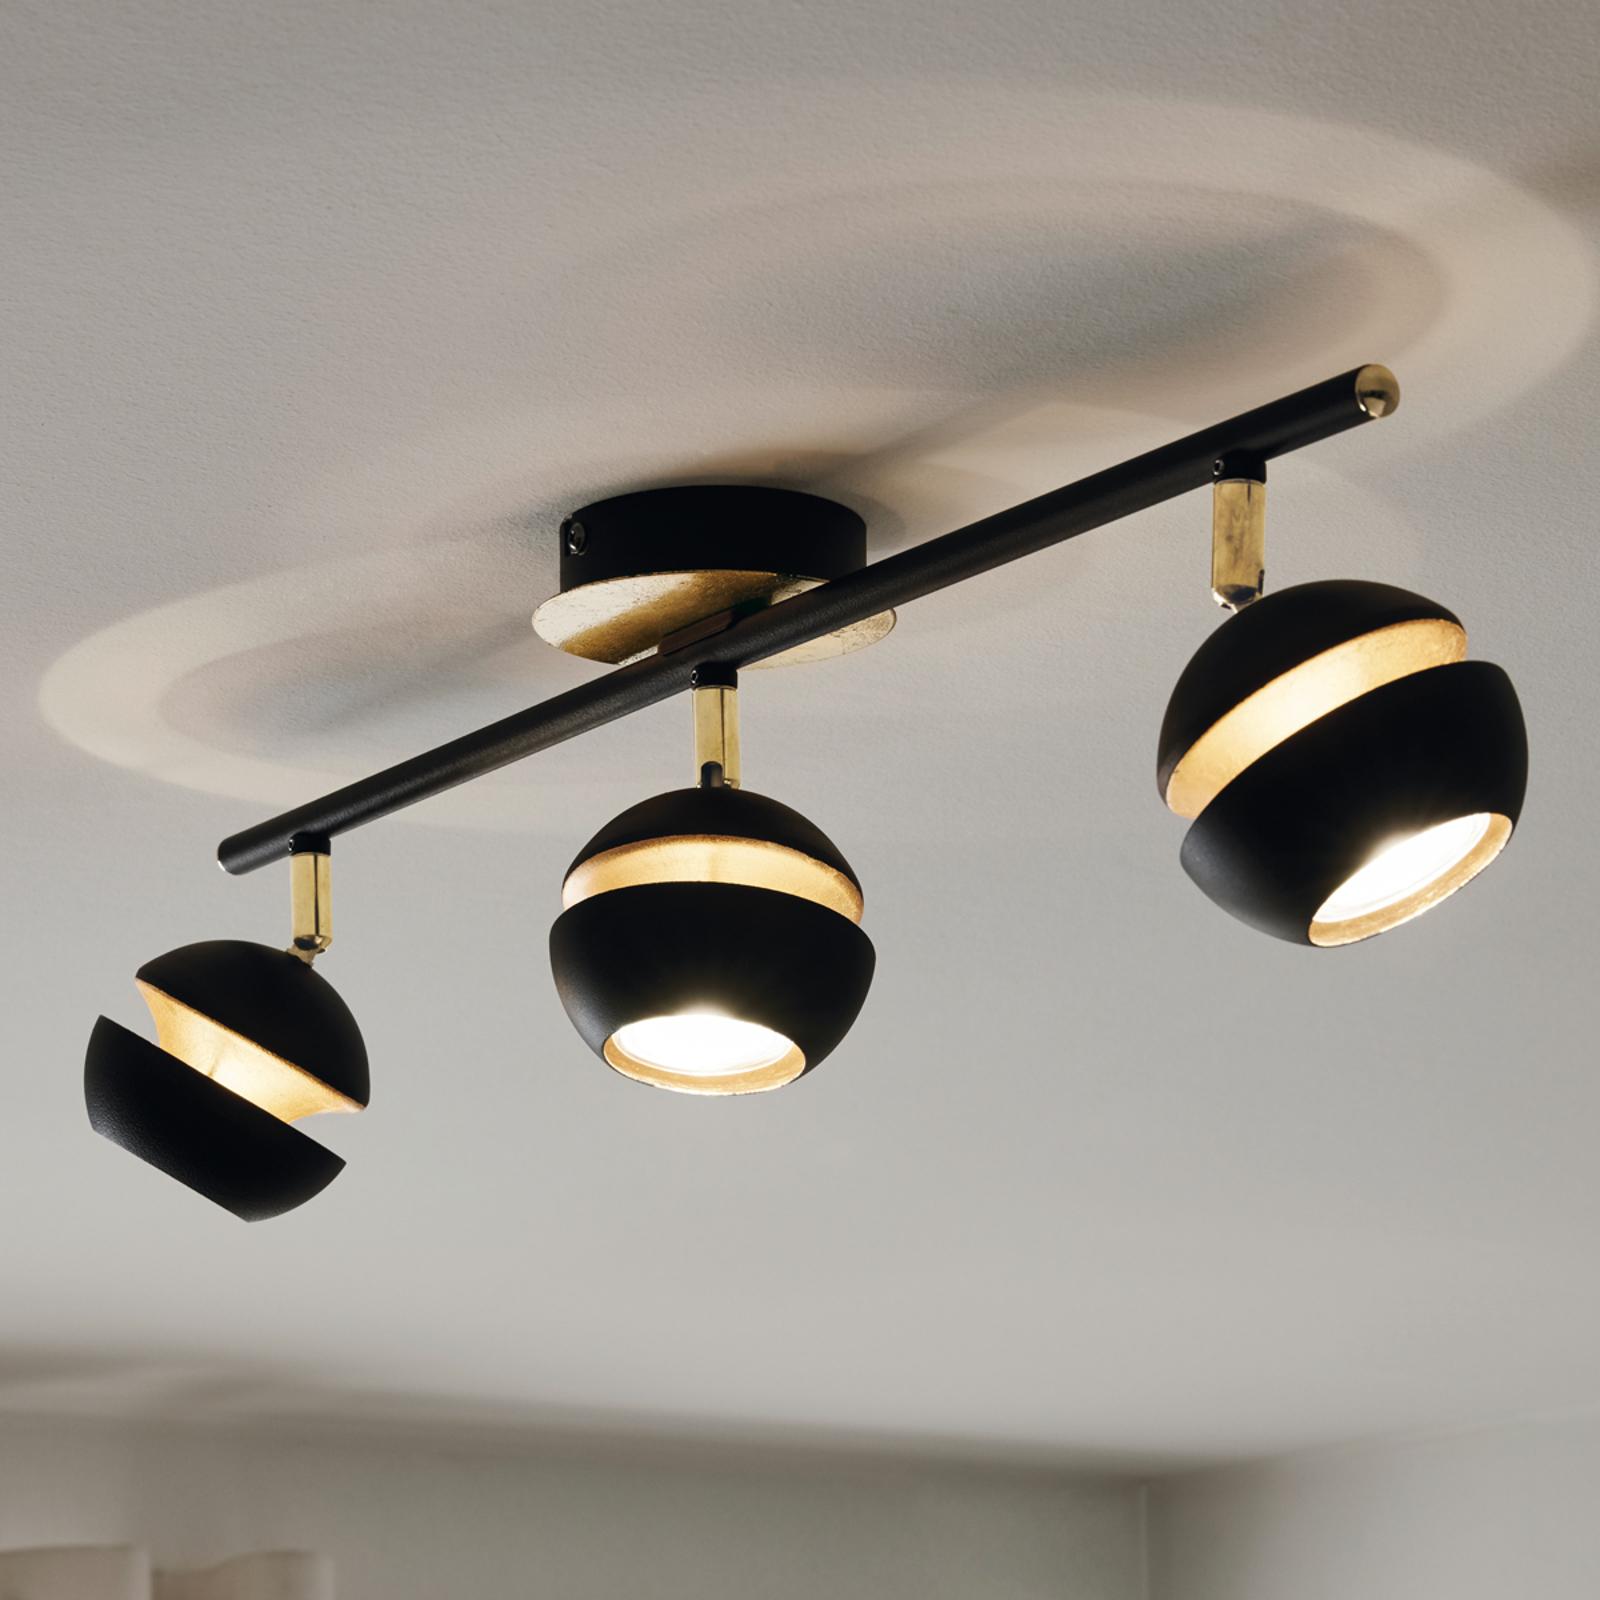 Czarno-złota lampa sufitowa LED Nocito, 3-punktowa